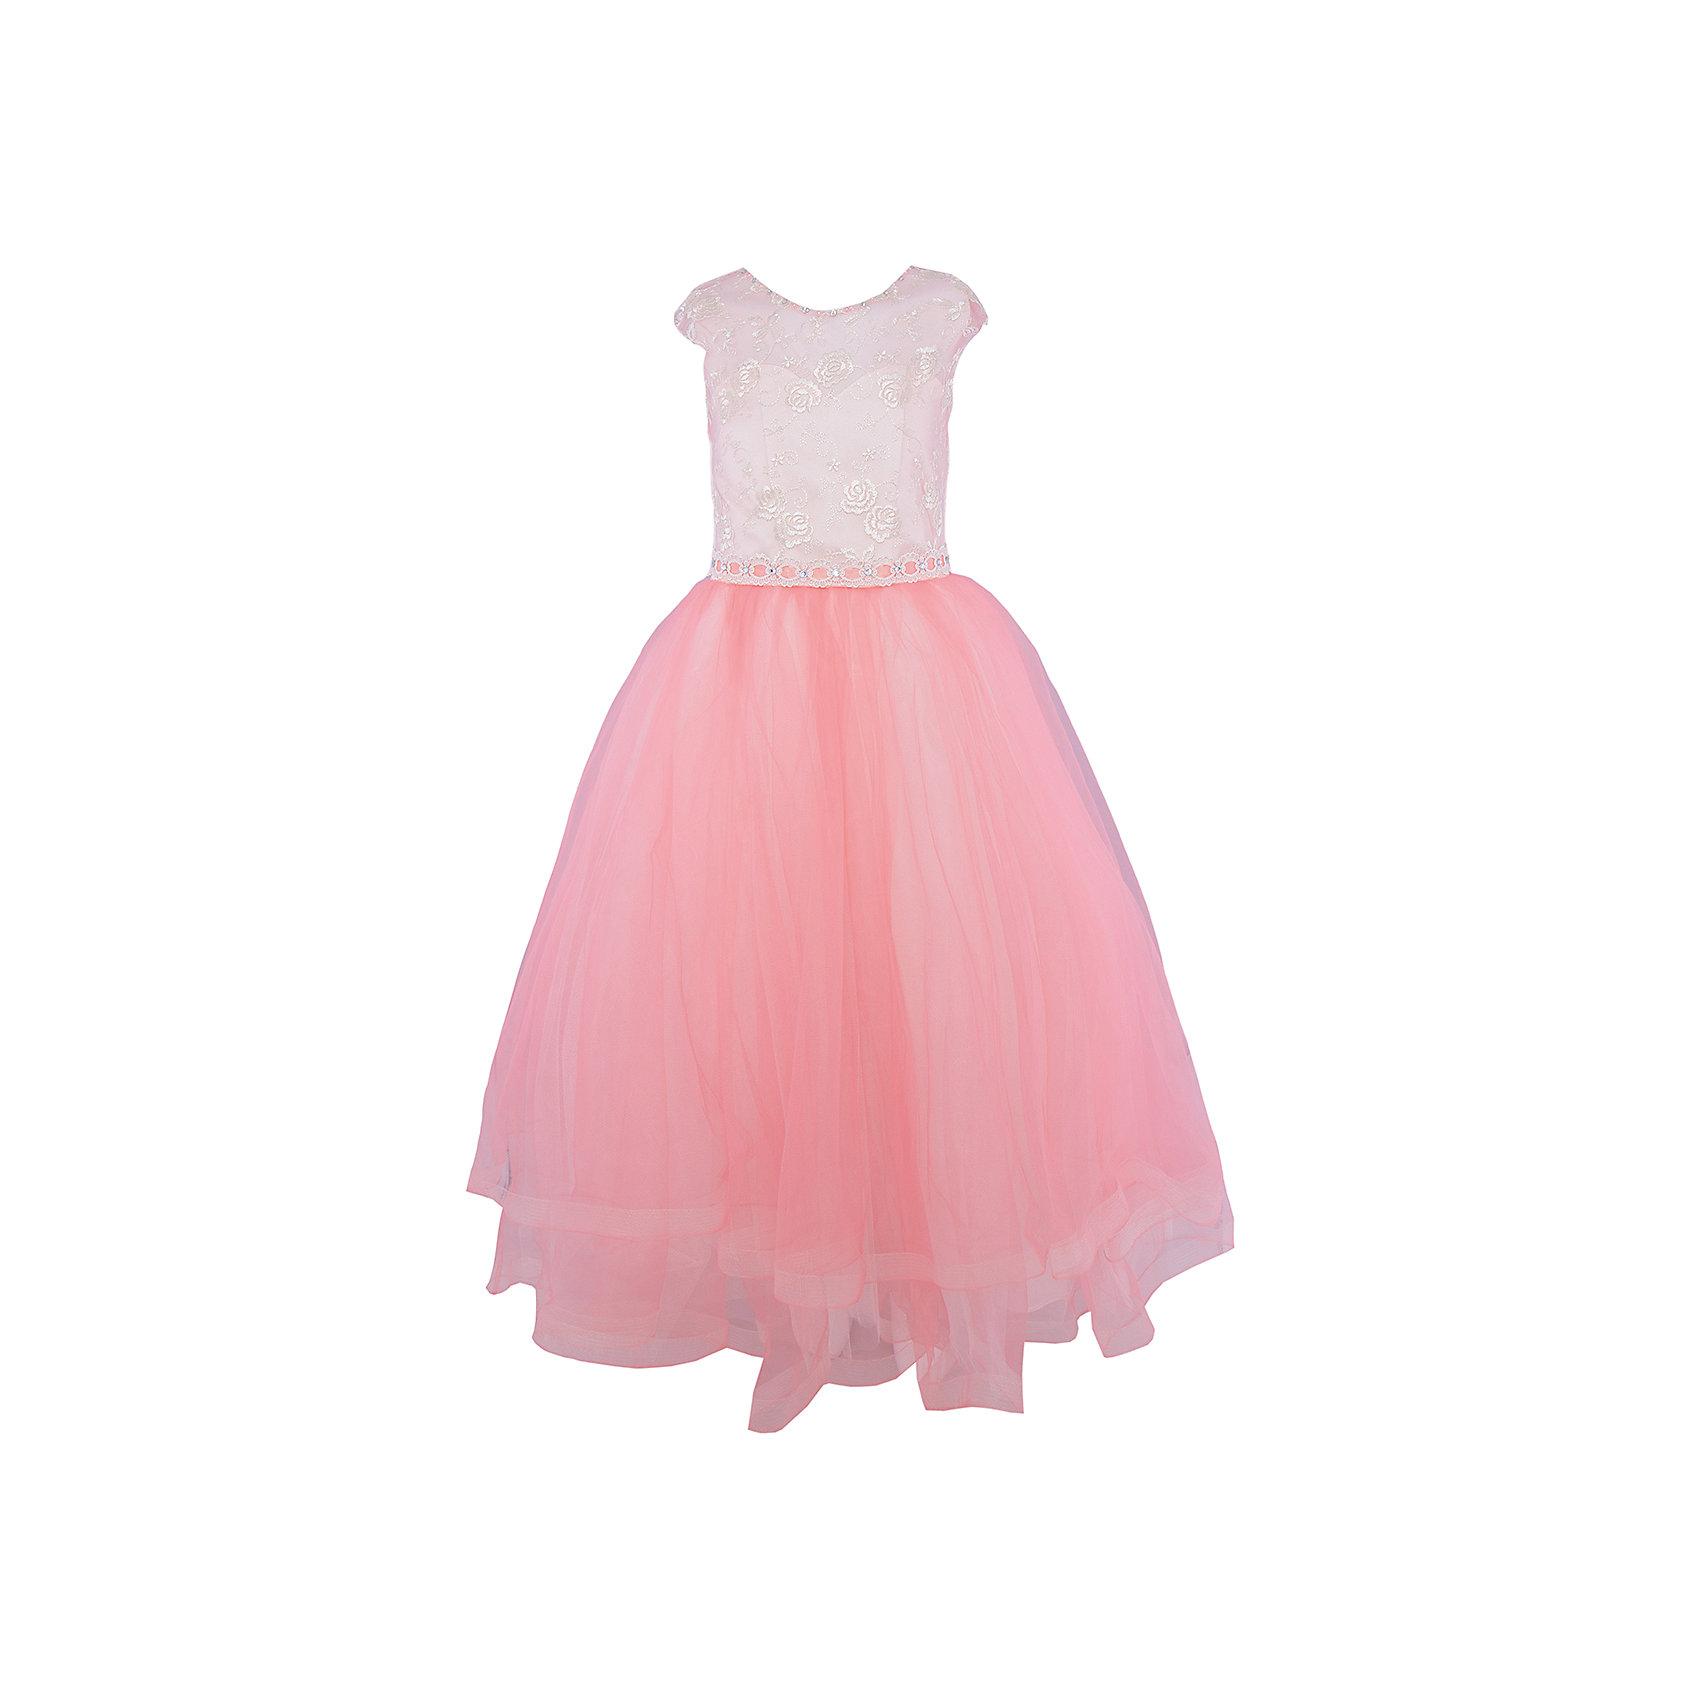 Платье нарядное ПрестижОдежда<br>Платье для девочки Престиж.<br><br>Характеристики:<br><br>• длинное<br>• без рукавов<br>• цвет: оранжевый<br>• состав: 100% полиэстер<br><br>Длинное платье для девочки Престиж не имеет рукавов. Светлый лиф платья украшен вышивкой и стразами. Его отлично дополняет пышный низ, на несколько тонов темнее. Пояс платья декорирован крупными стразами. Это платье - прекрасный выбор для юной леди!<br><br>Платье регулируется шнуровкой сзади, от талии до верха спинки. Шнуровка в комплекте.<br>Платье подходит для занятий бальными танцами.<br><br>Вы можете купить платье для девочки Престиж в нашем интернет-магазине.<br><br>Ширина мм: 236<br>Глубина мм: 16<br>Высота мм: 184<br>Вес г: 177<br>Цвет: розовый<br>Возраст от месяцев: 72<br>Возраст до месяцев: 84<br>Пол: Женский<br>Возраст: Детский<br>Размер: 116,128,122<br>SKU: 5158338